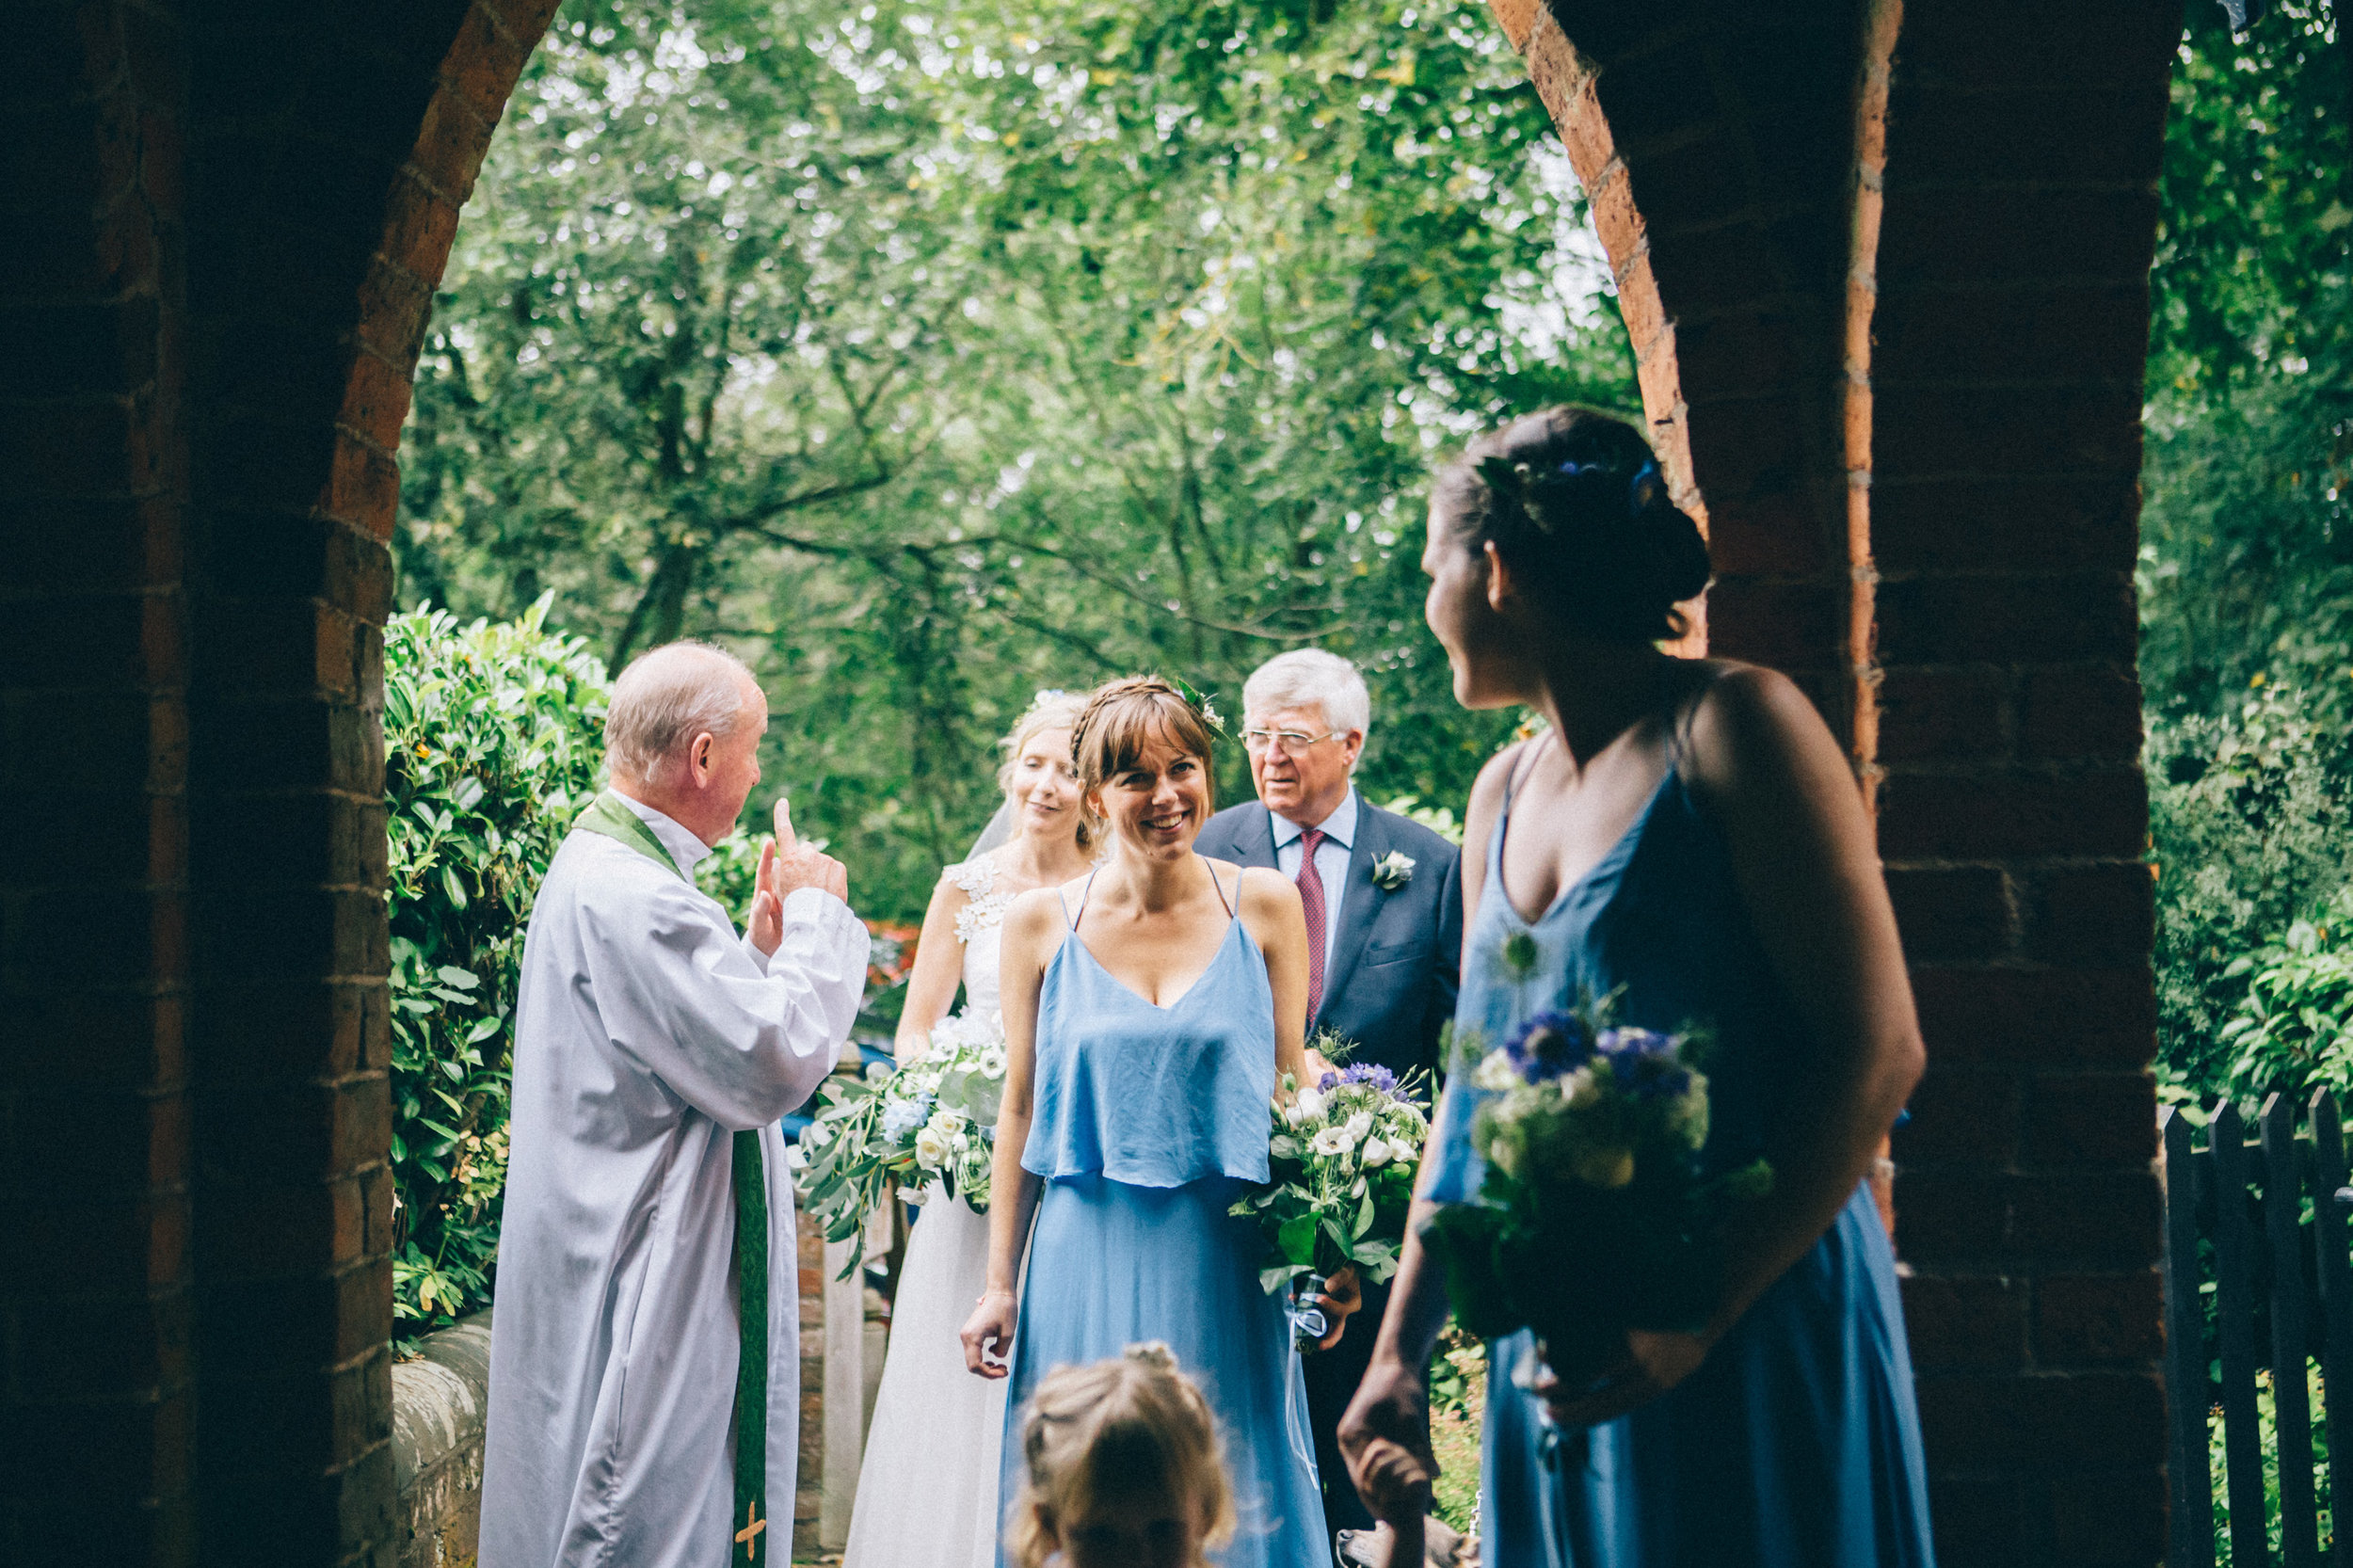 uk wedding photographer artistic wedding photography-58.jpg